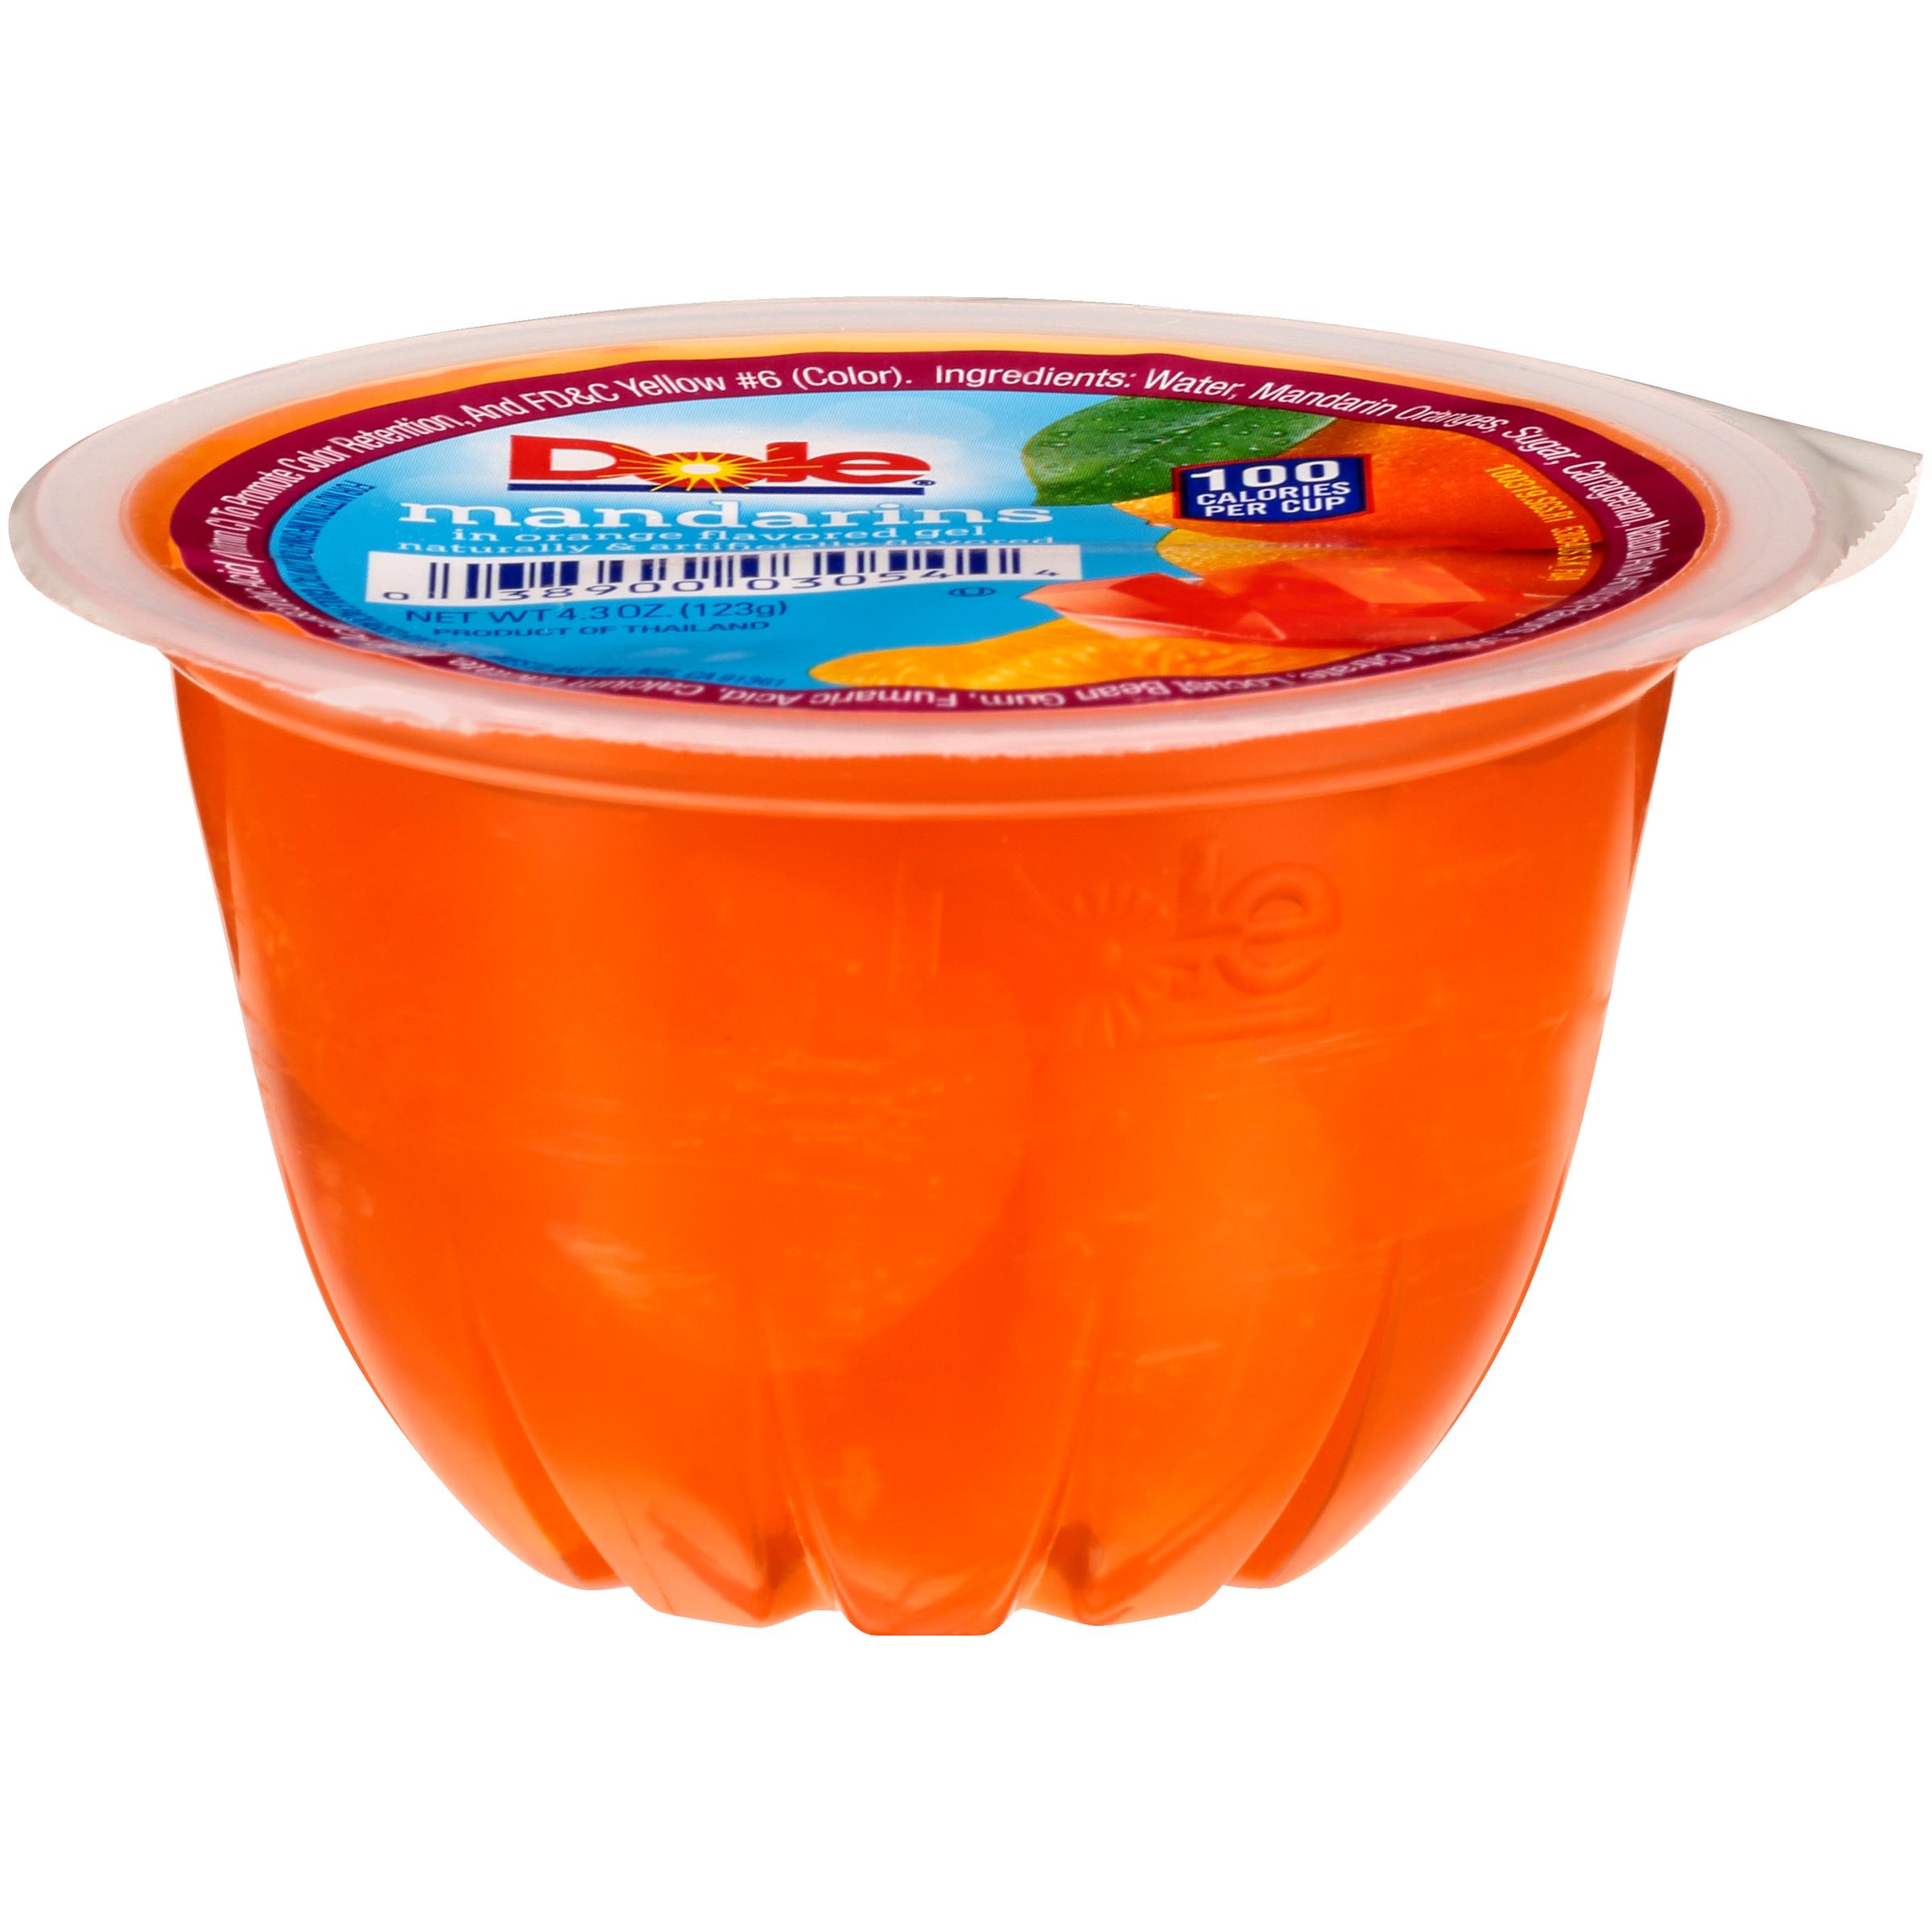 36/4.3 Mandarins In Orange Gel